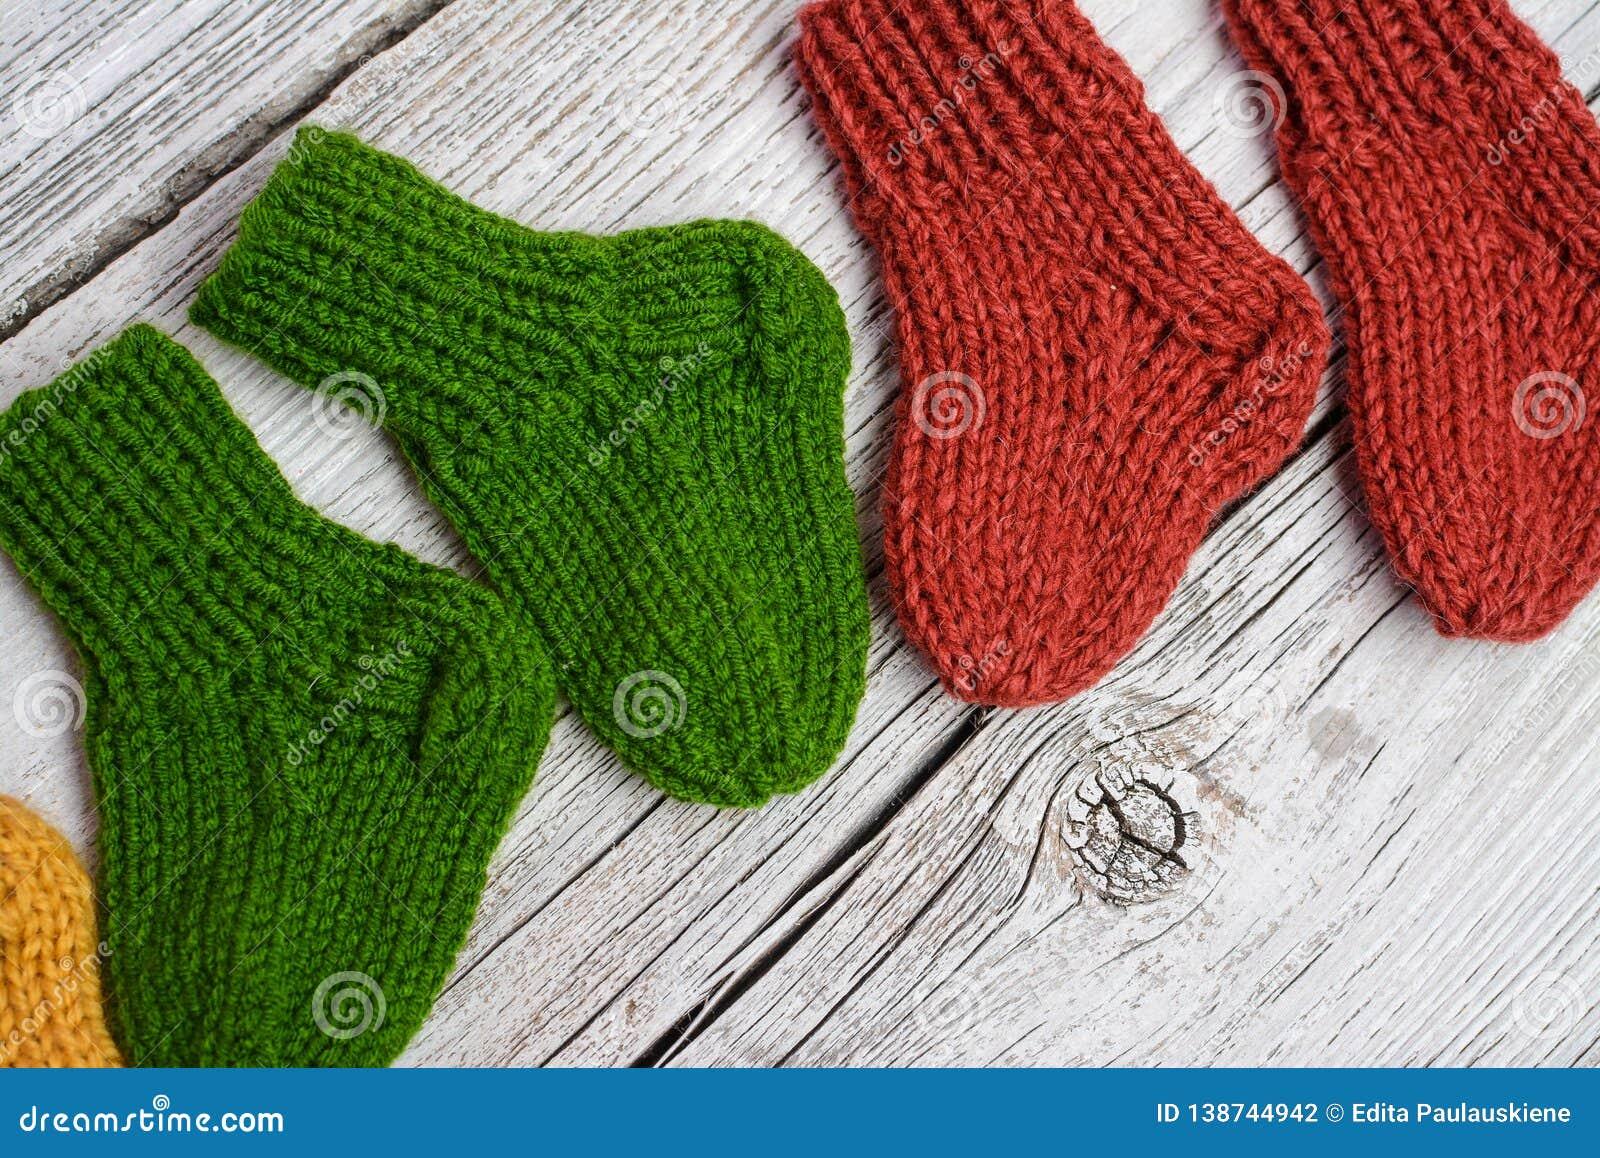 Plusieurs paires de petites chaussettes de laine pour nouveau-né sur la table en bois de cru